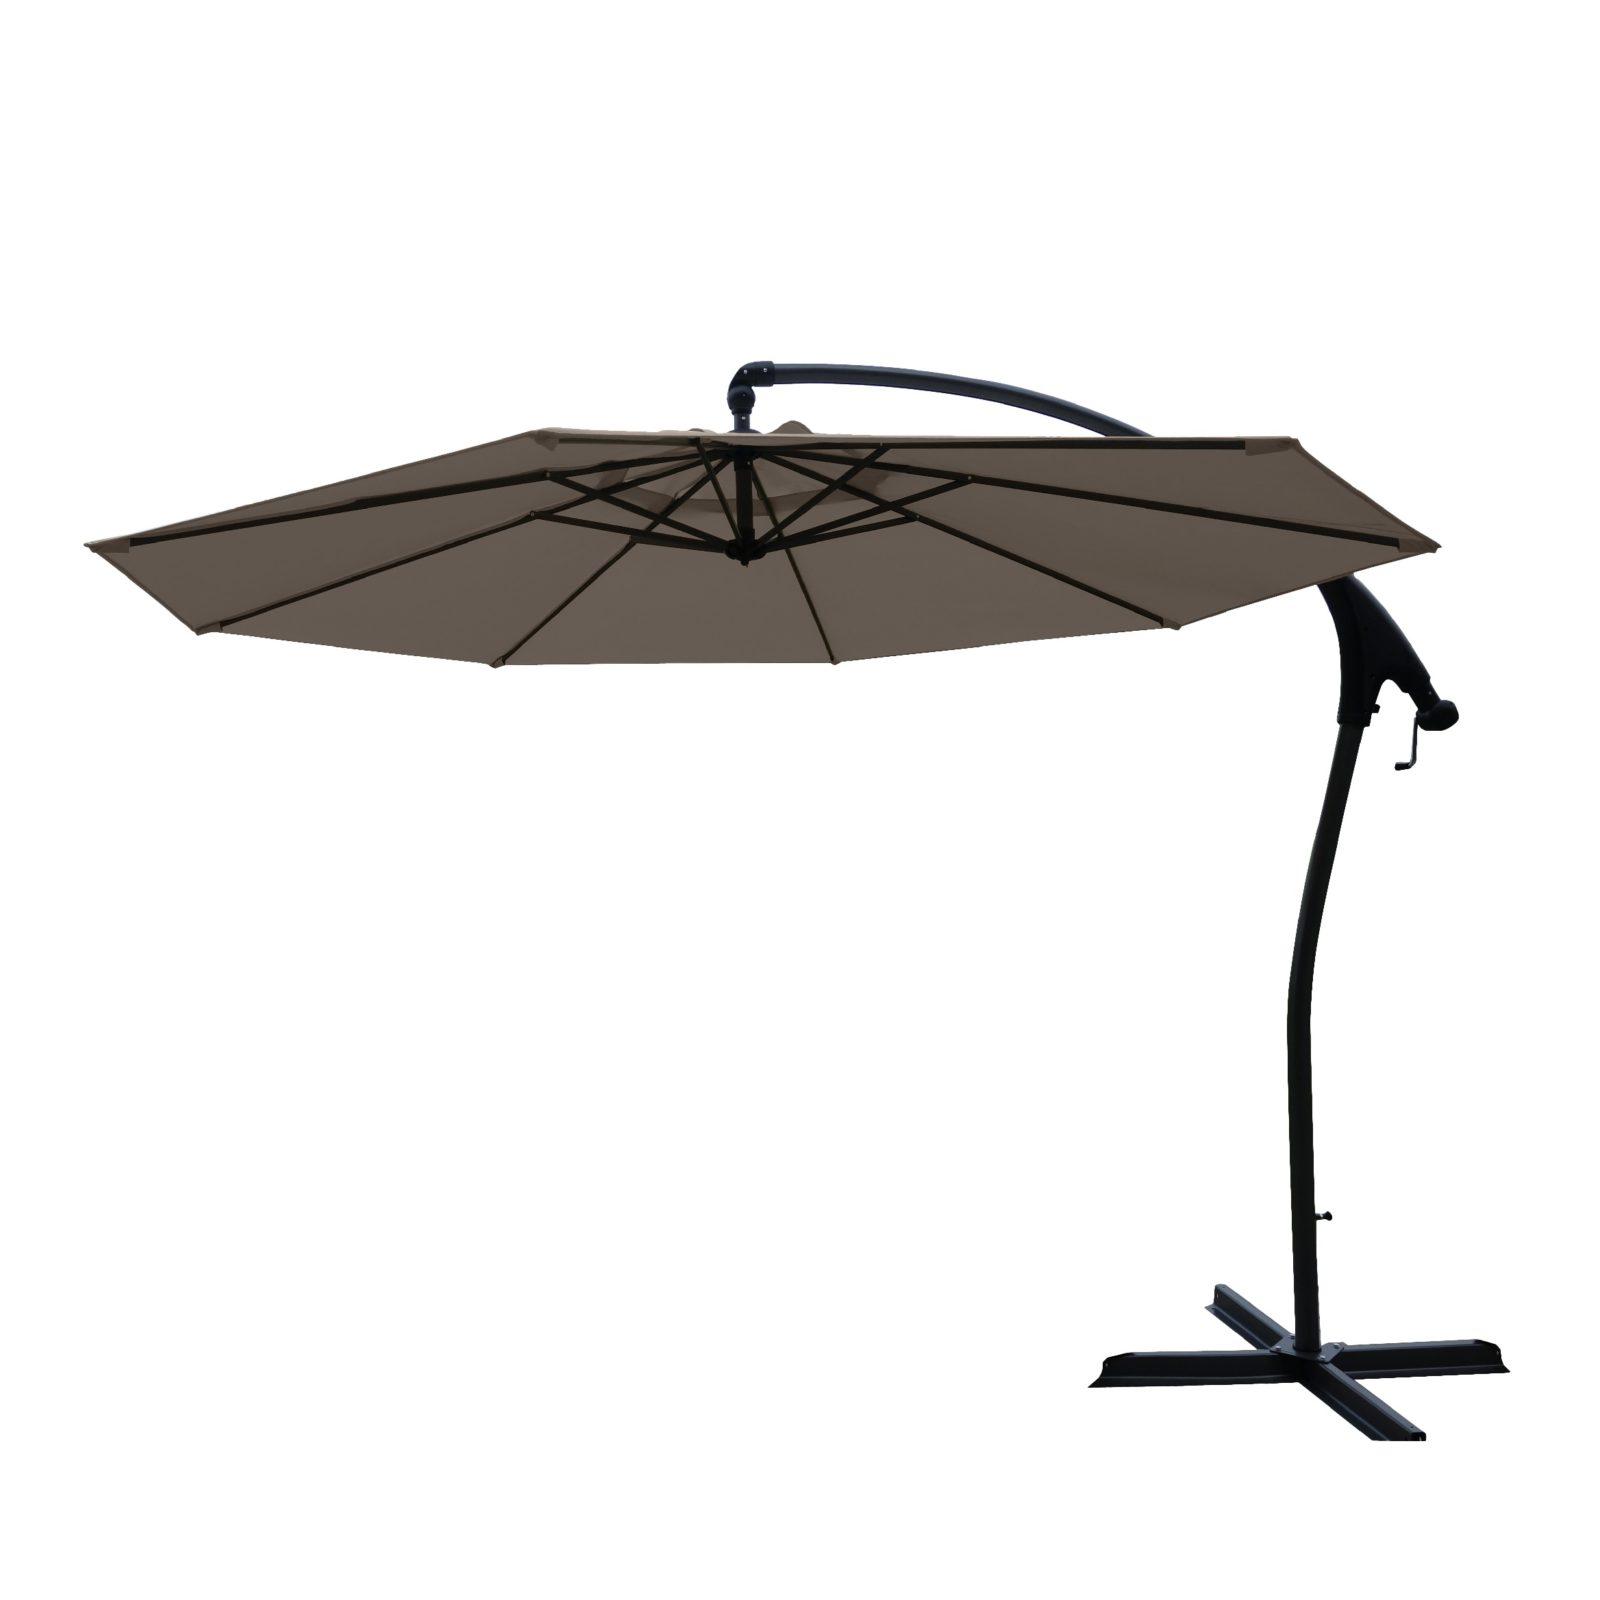 Hartman Tenero parasol 300 cm, taupe dug, UPF50+